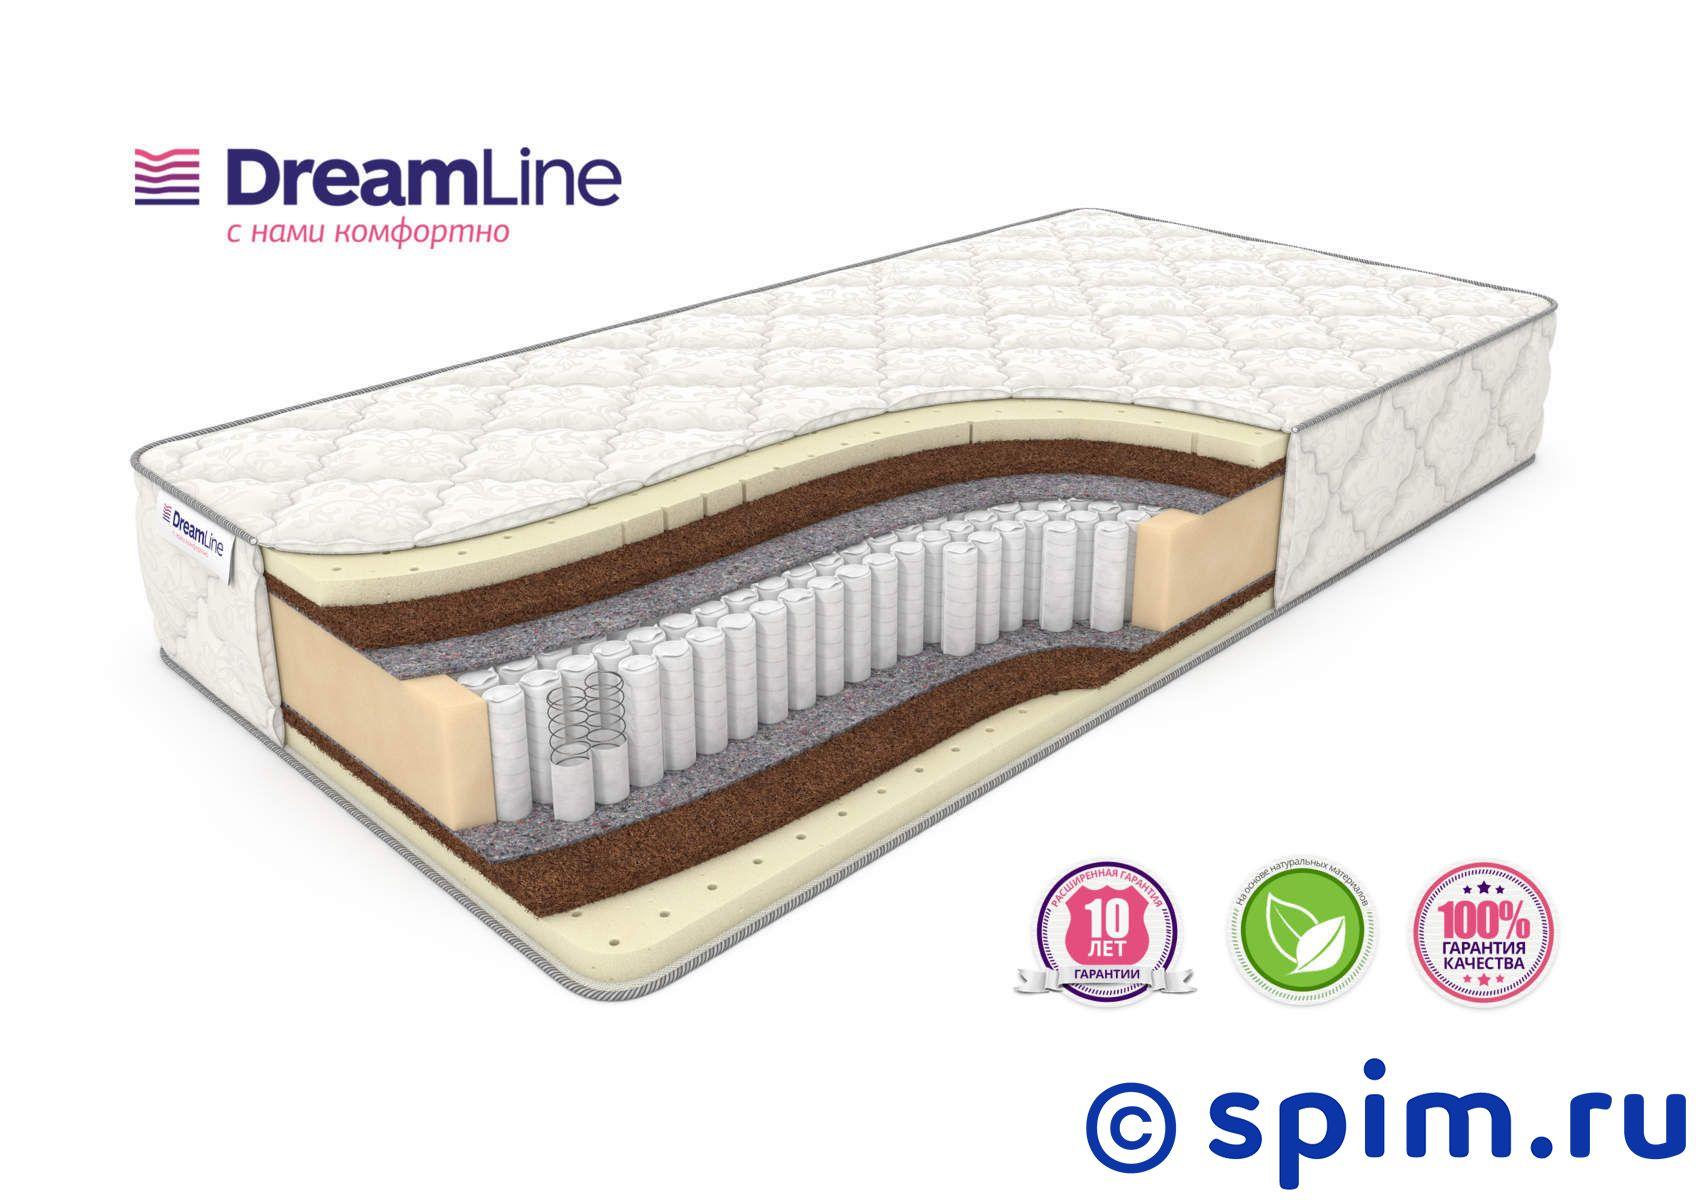 Матрас DreamLine Prime Medium S1000 150х190 см матрас dreamline prime soft s 2000 160 195